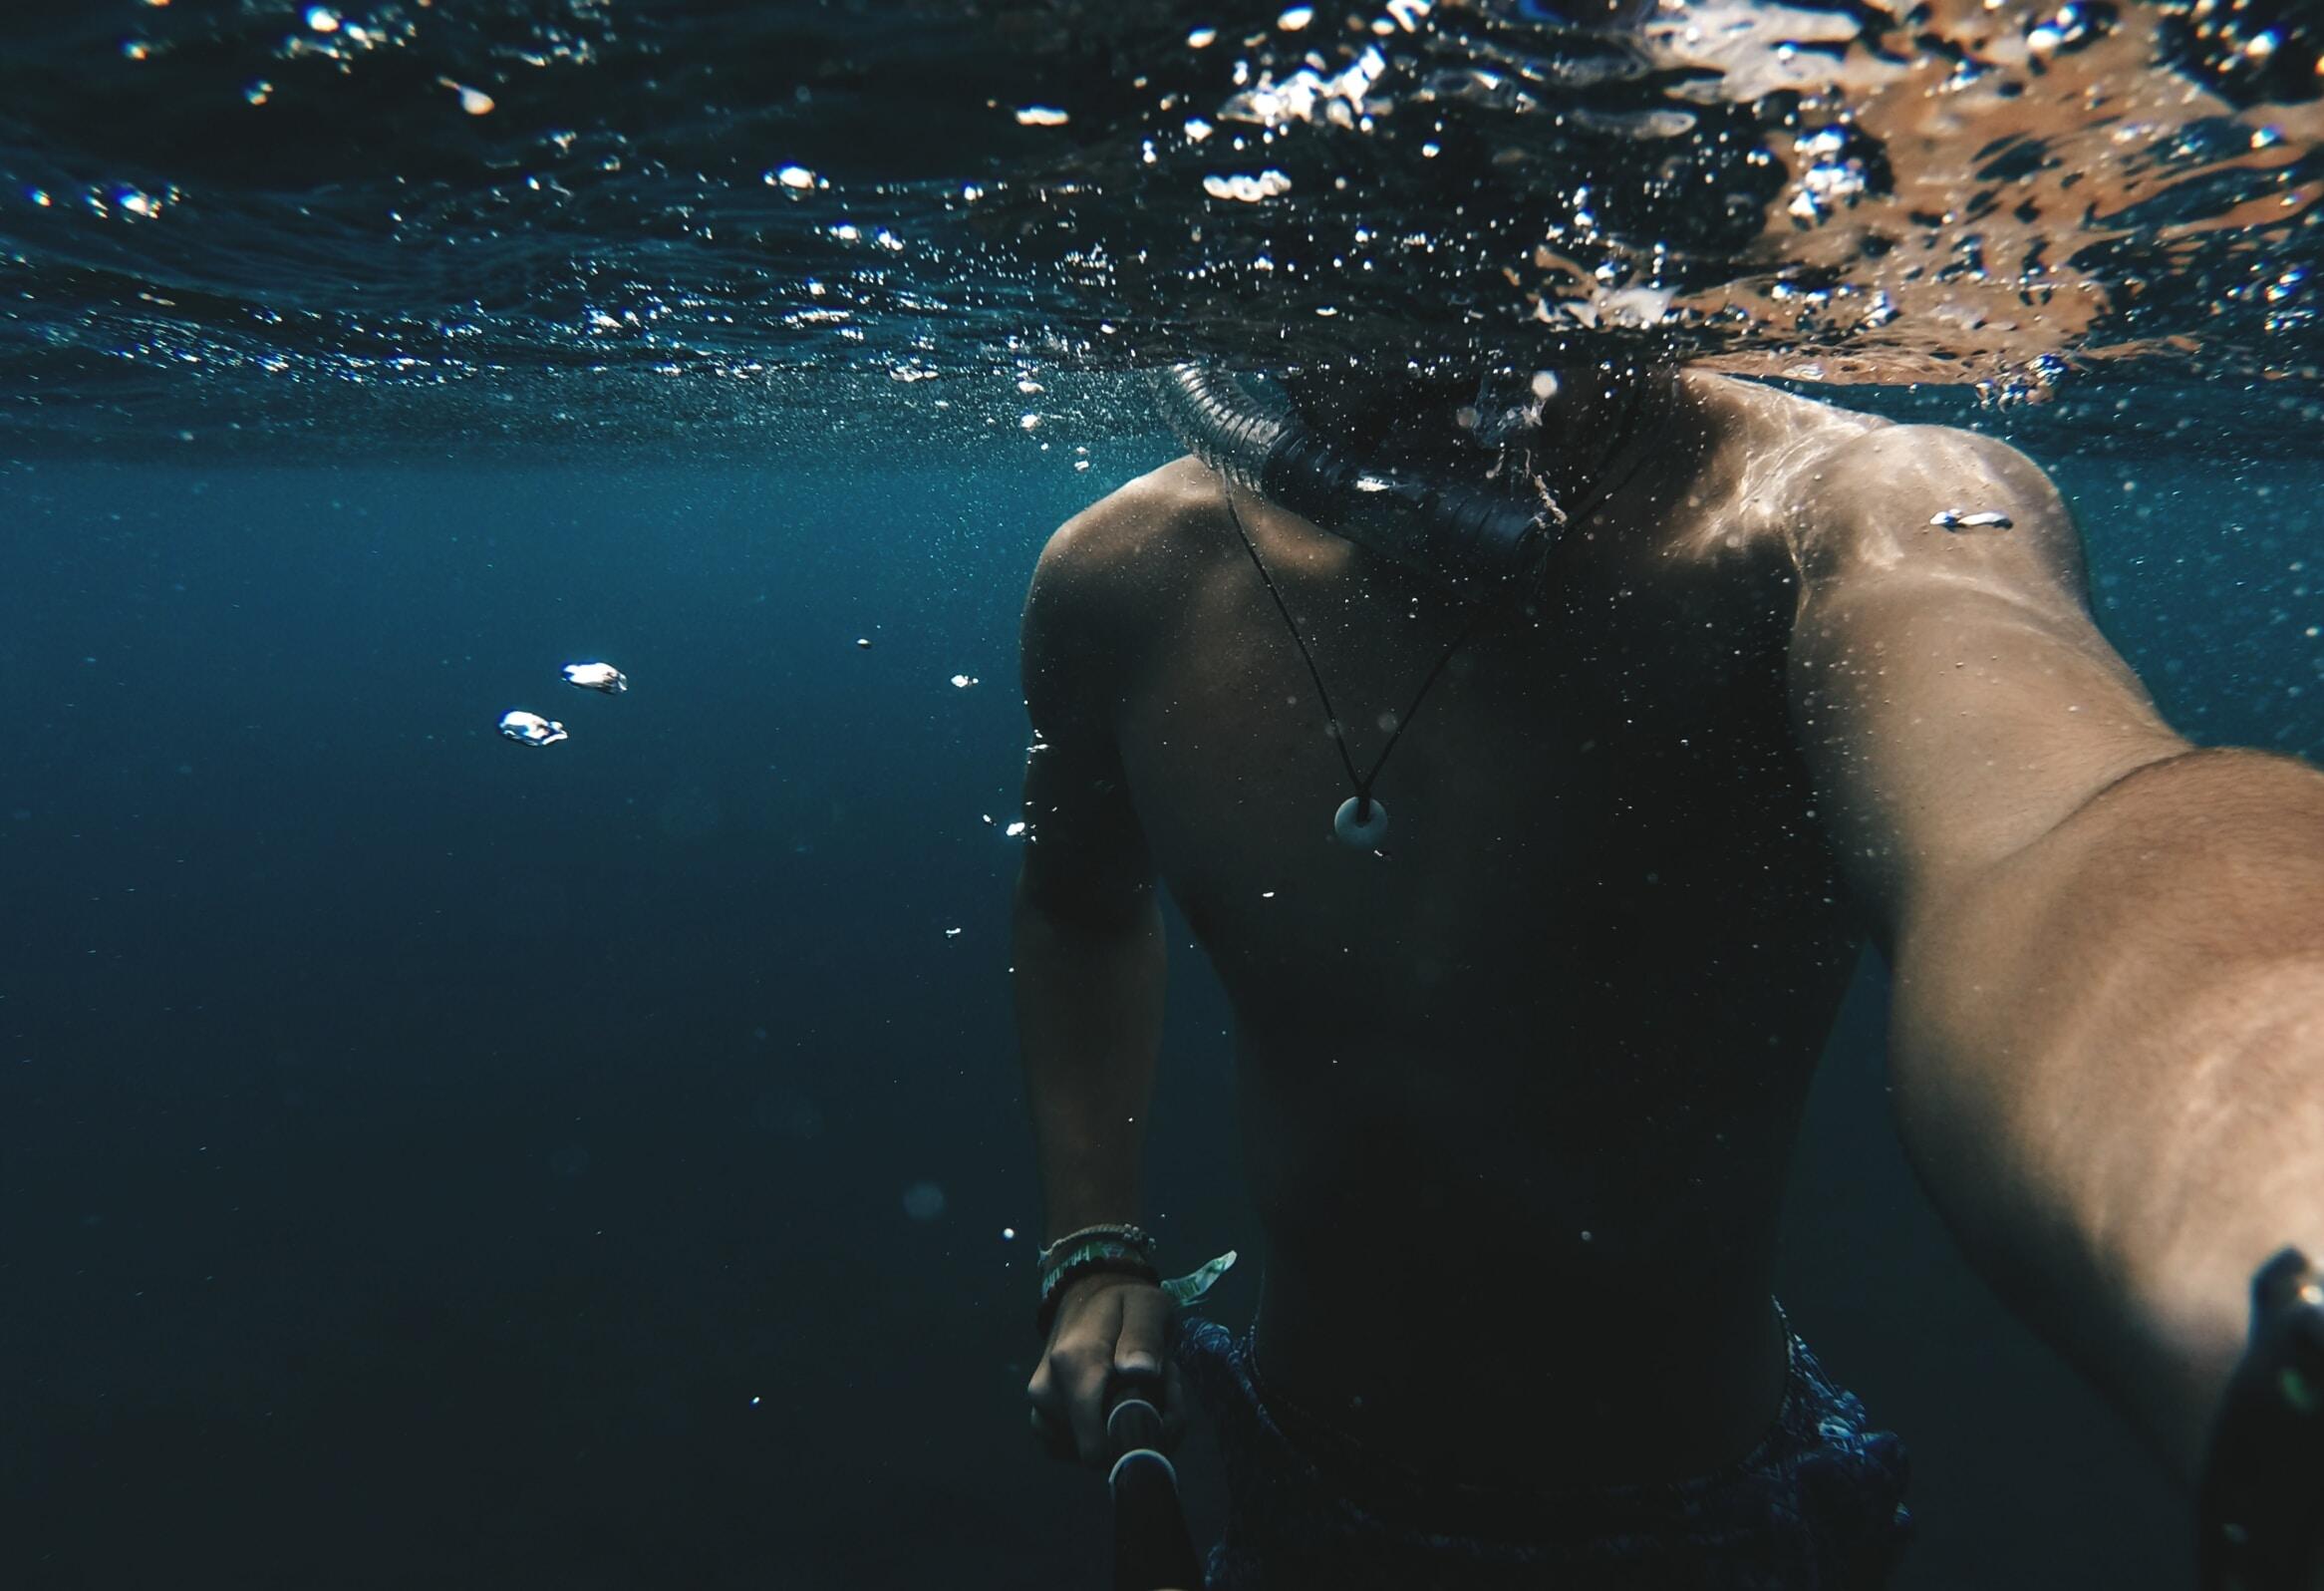 man taking selfie underwater